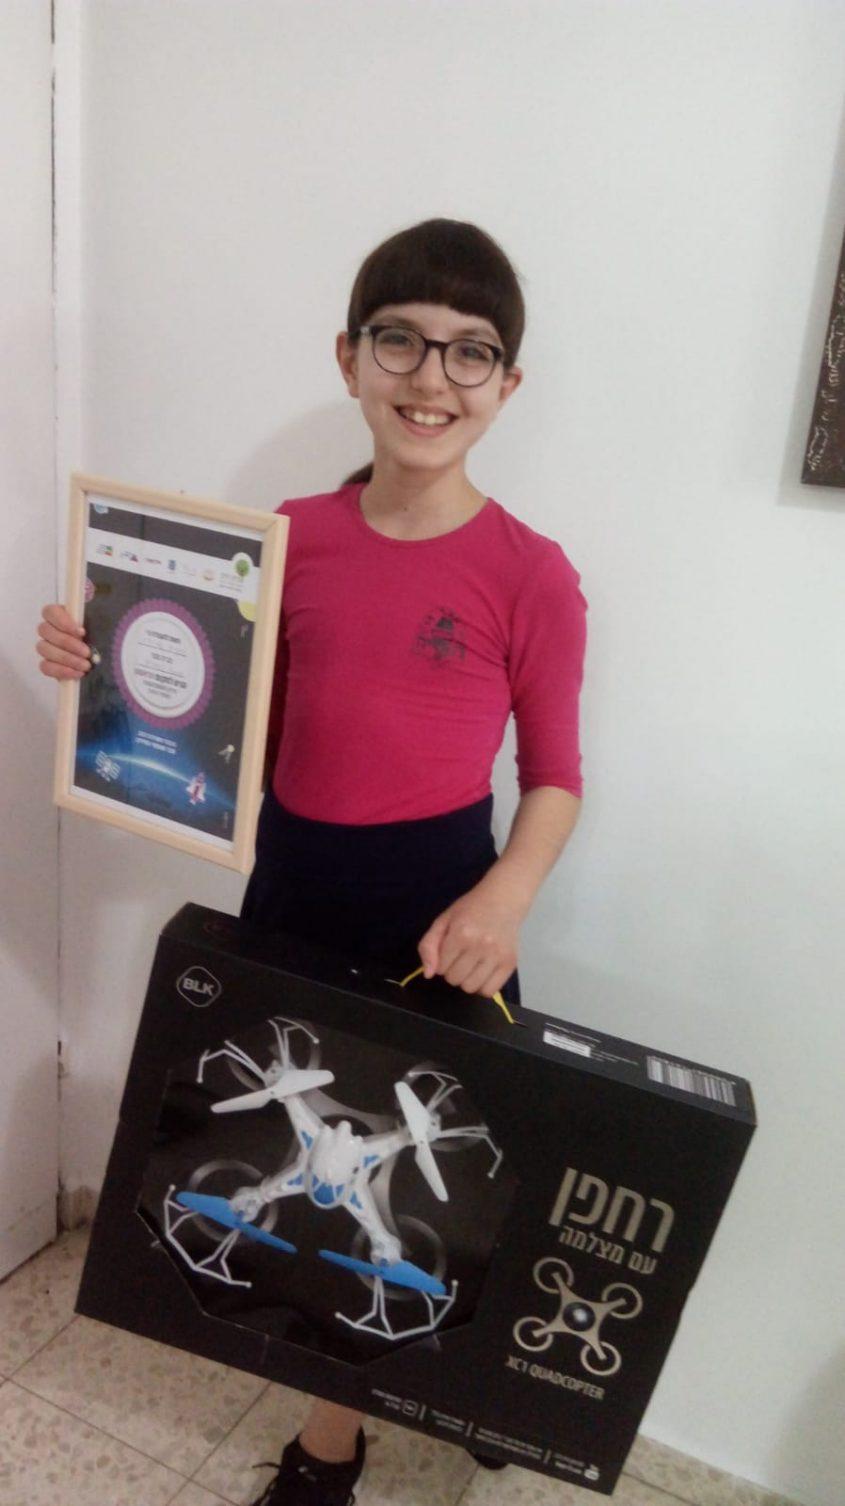 הודיה טפירו ילדה מחוננת זכתה בתחרות חלל ארצית